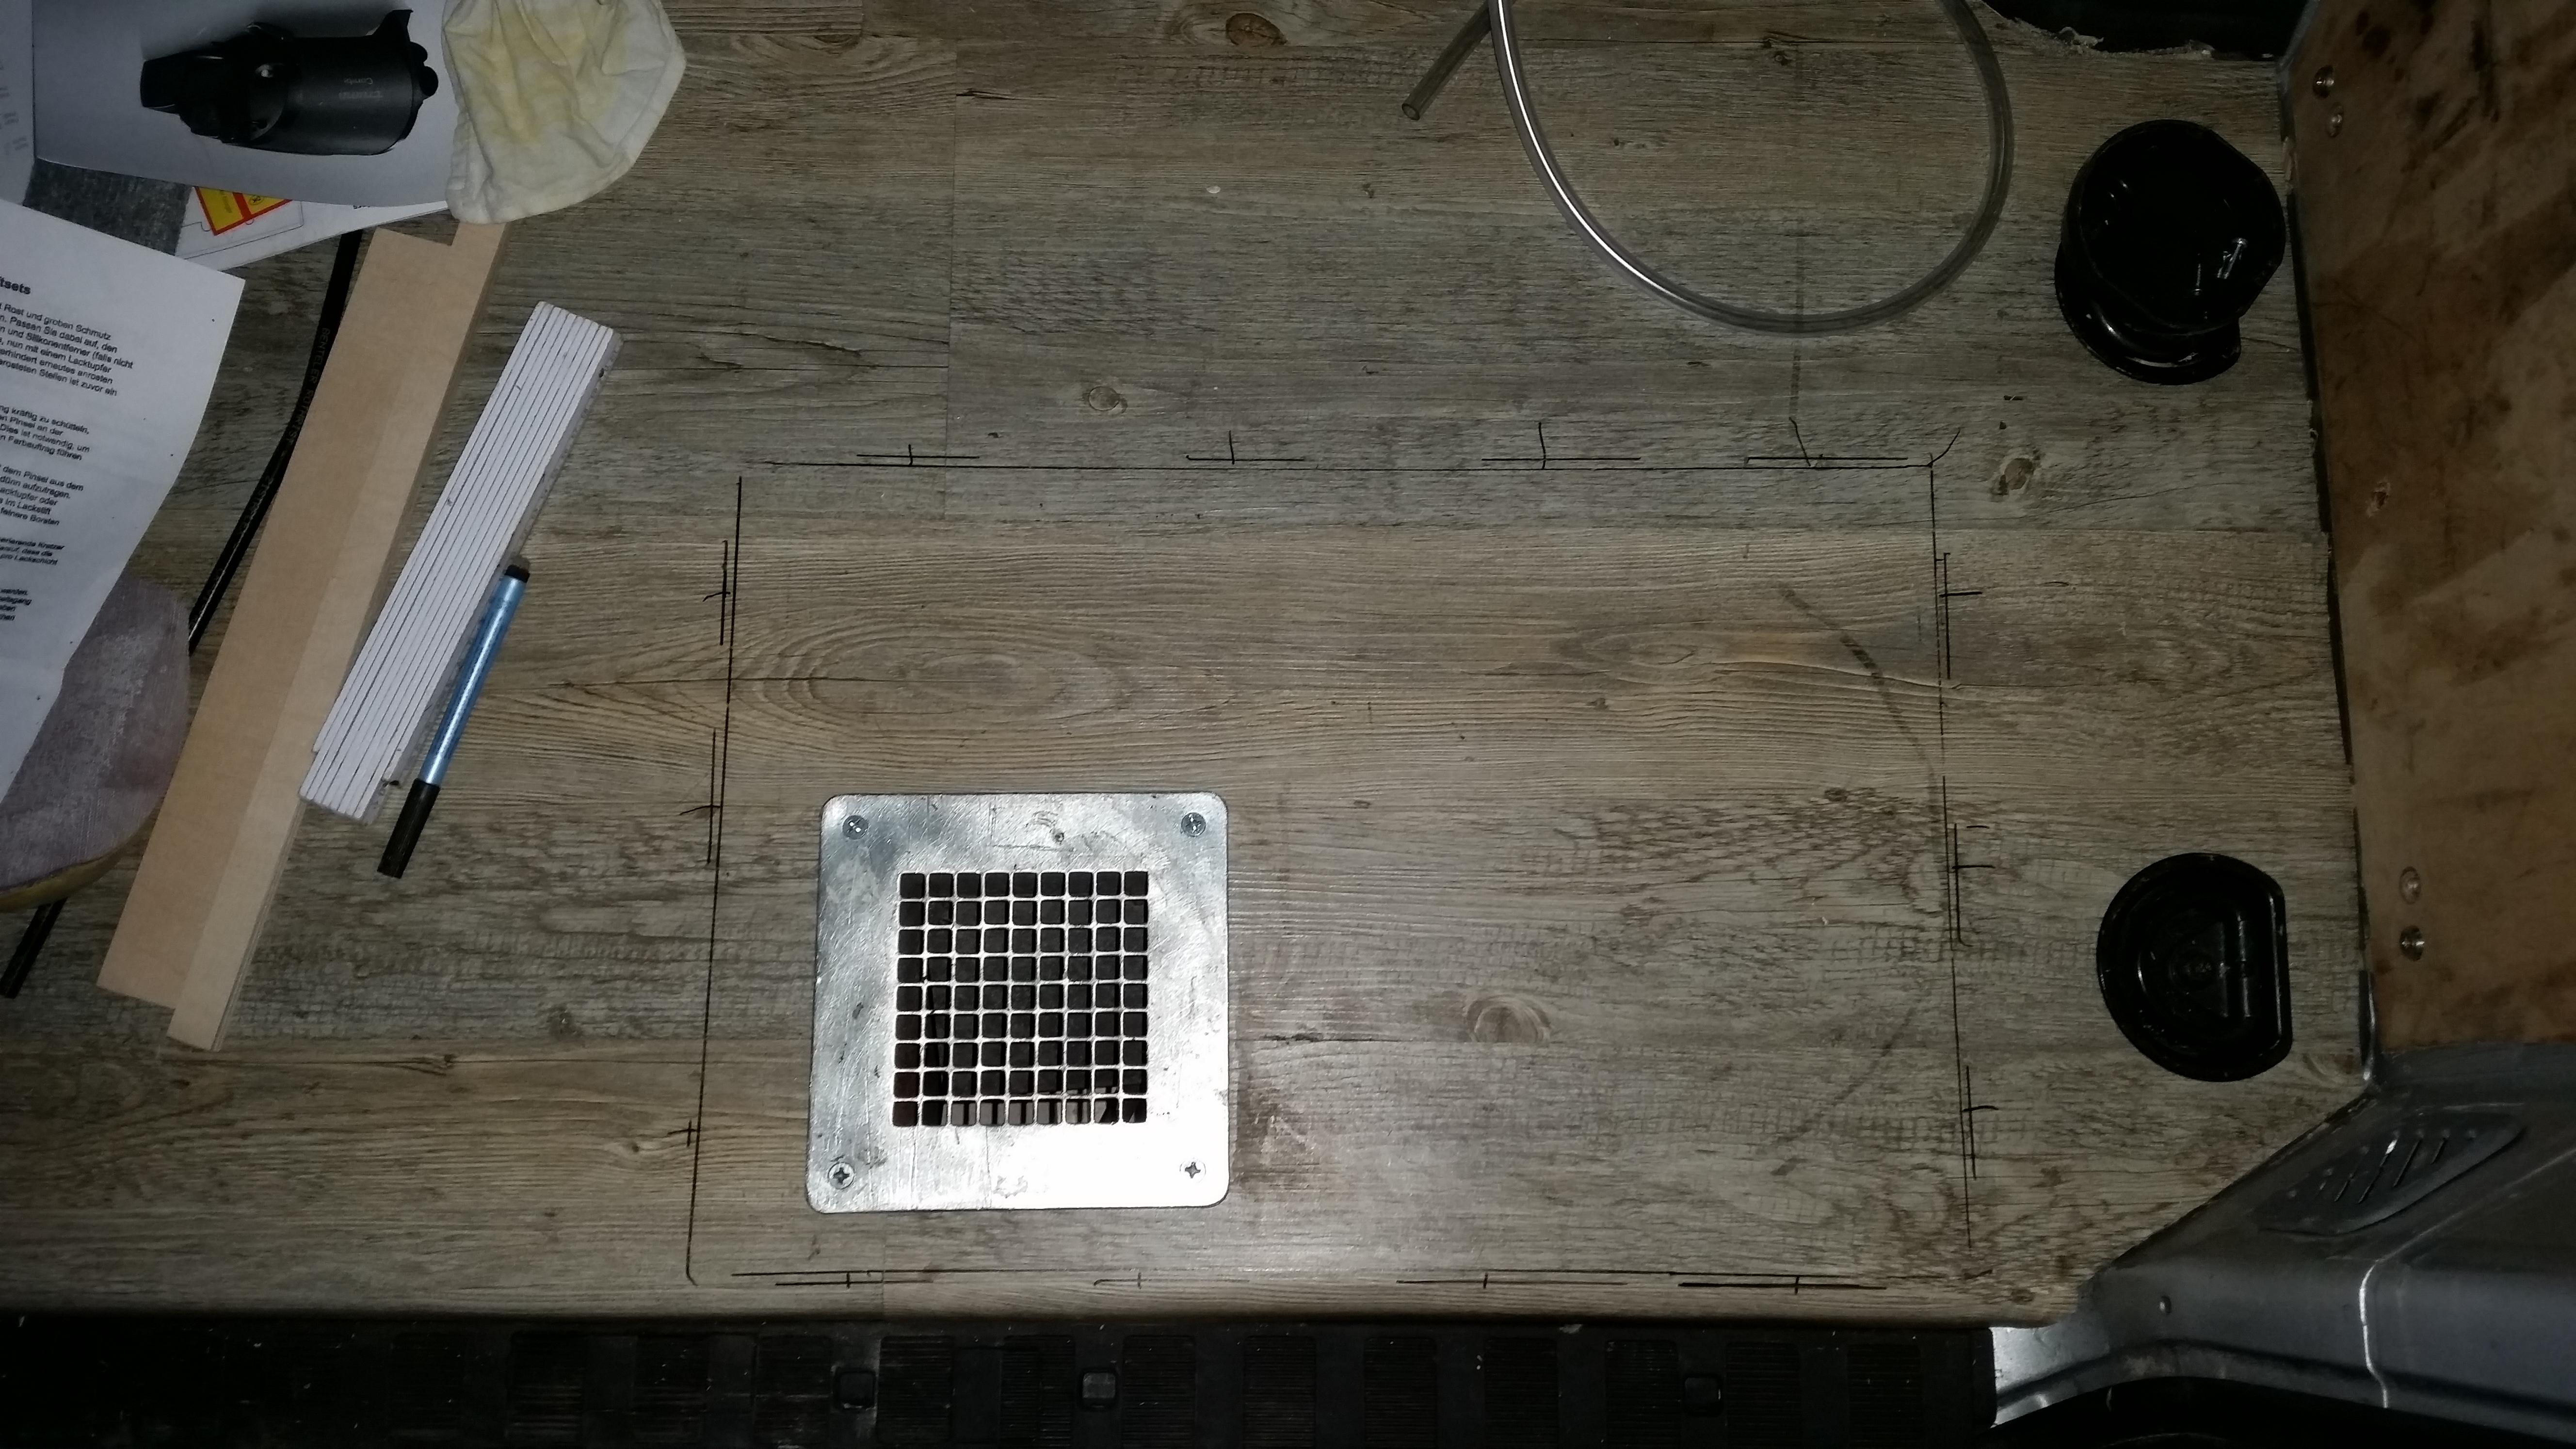 gaskasten wohnwagen selber bauen gaskasten bauen im. Black Bedroom Furniture Sets. Home Design Ideas